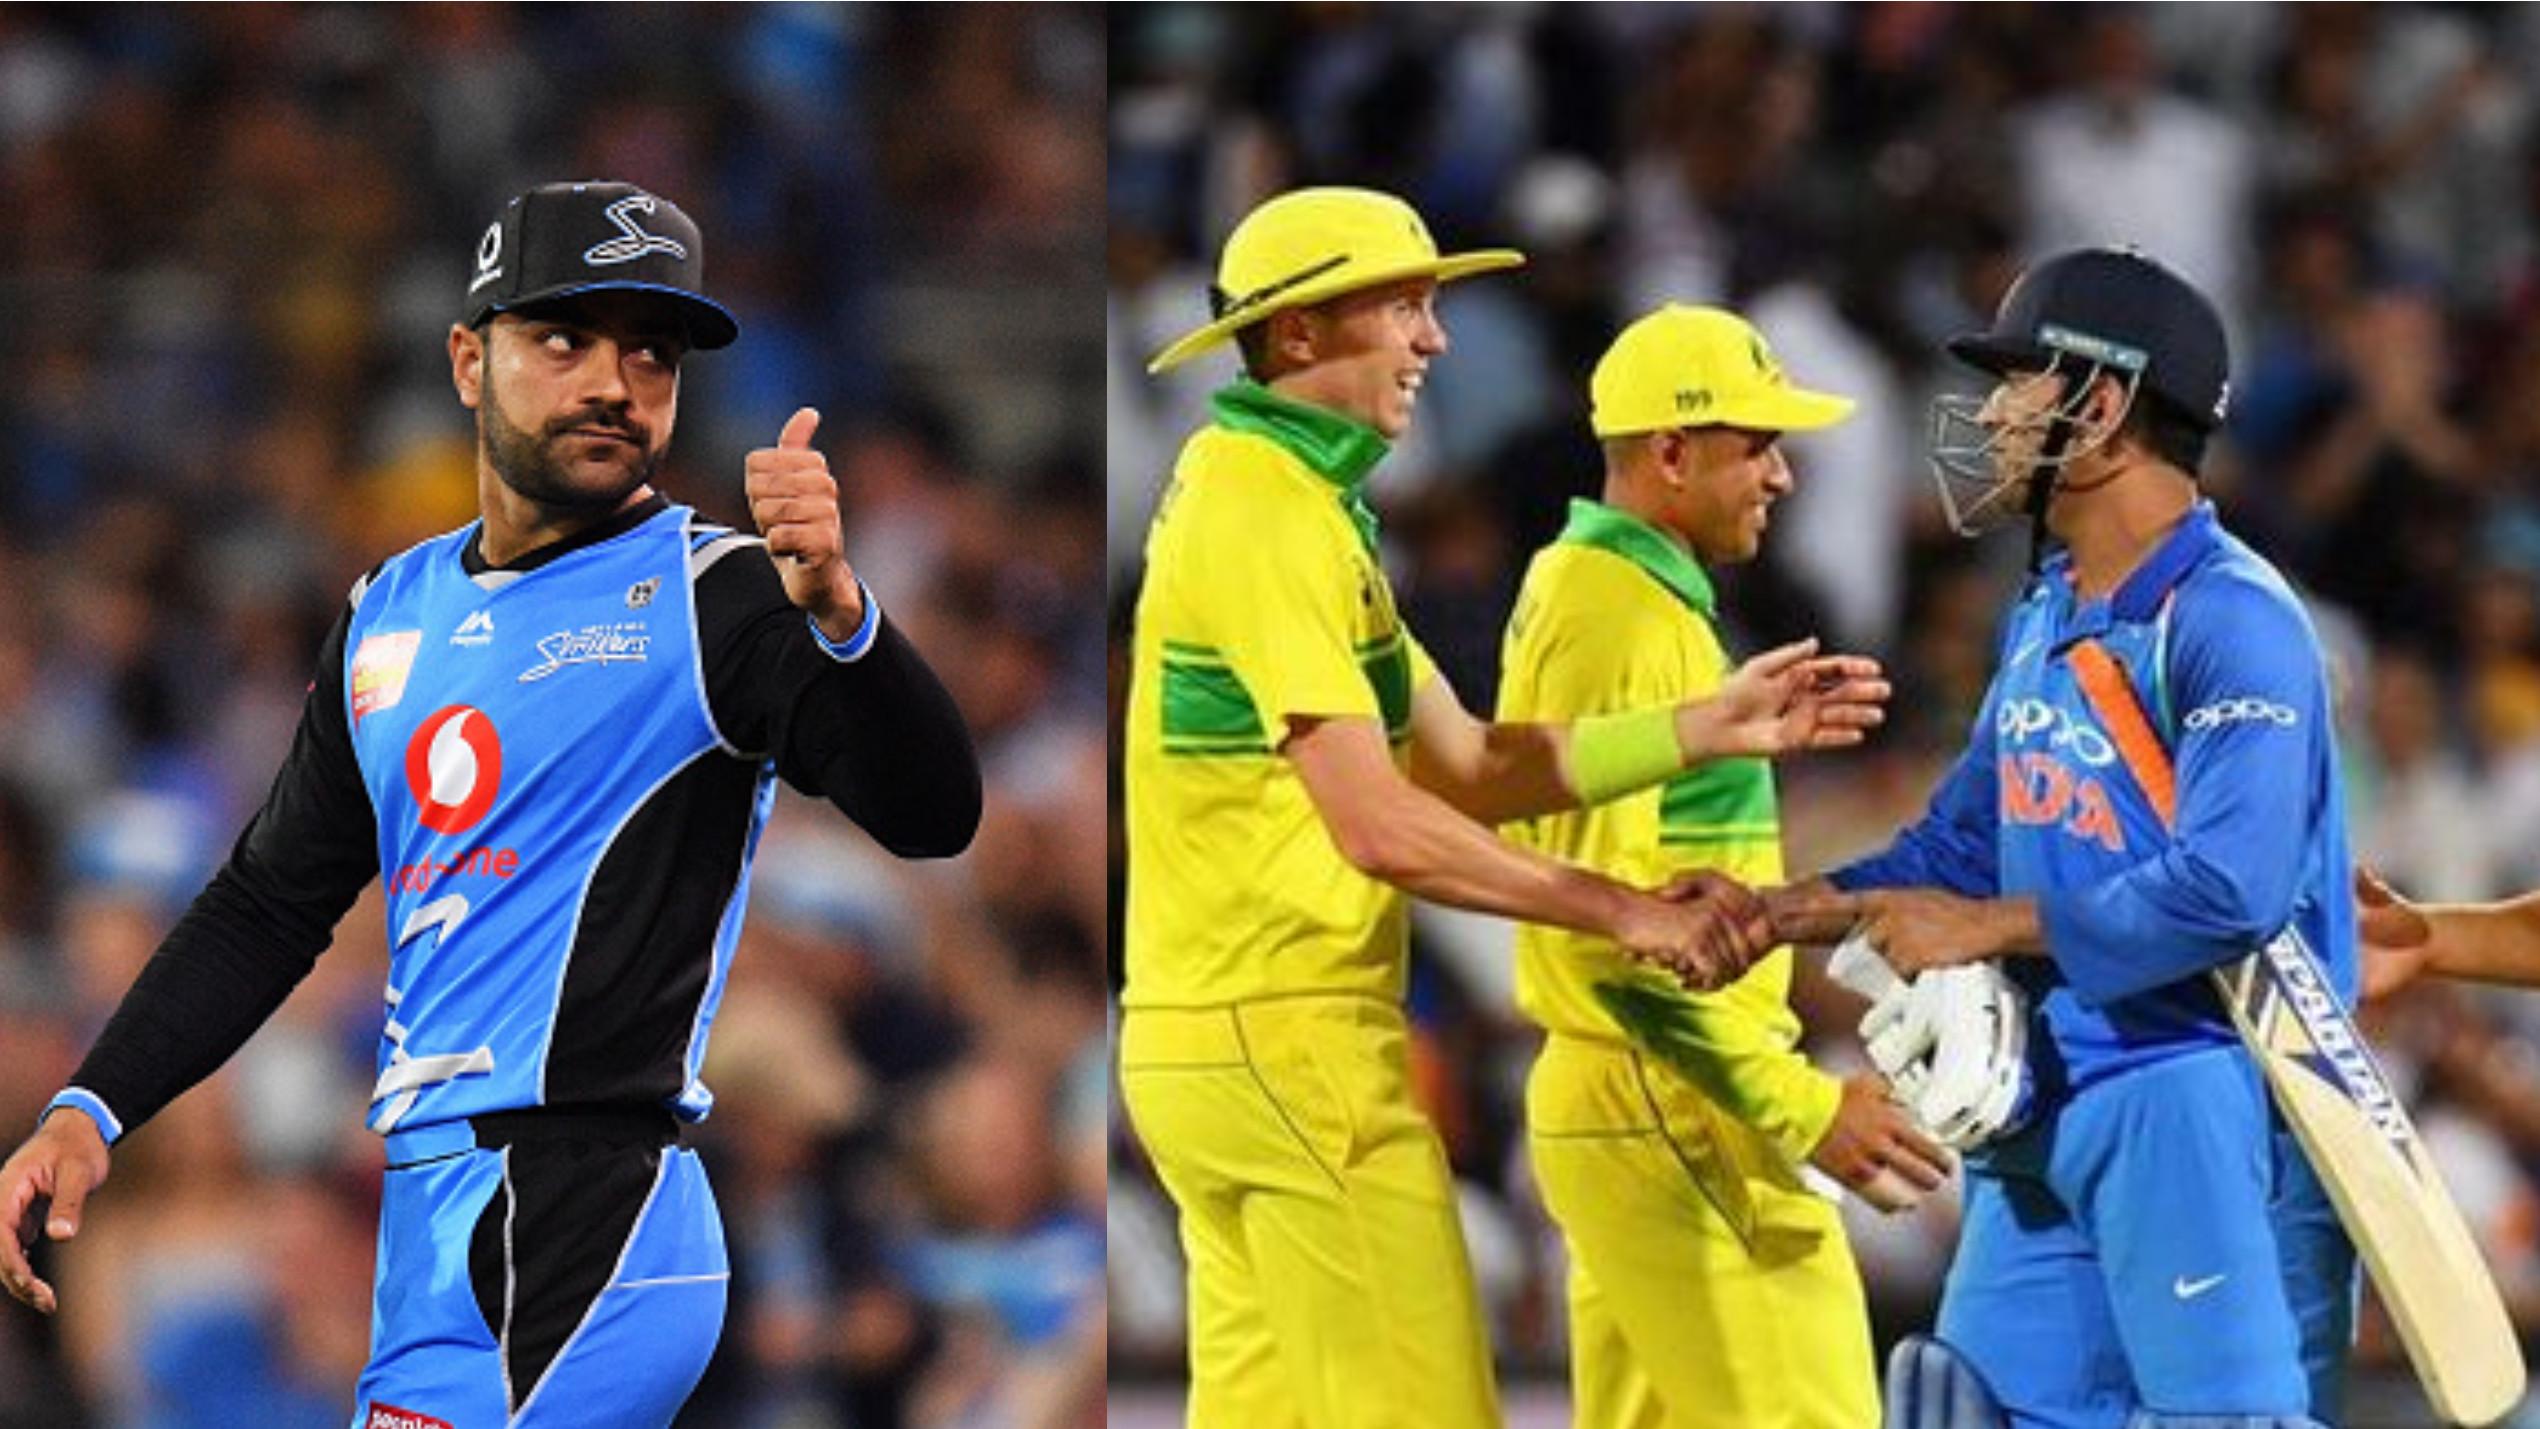 AUS v IND 2018-19 : राशिद खान ने लिया एडिलेड ओवल में ऑस्ट्रेलिया के खिलाफ भारत के मैच का आनंद